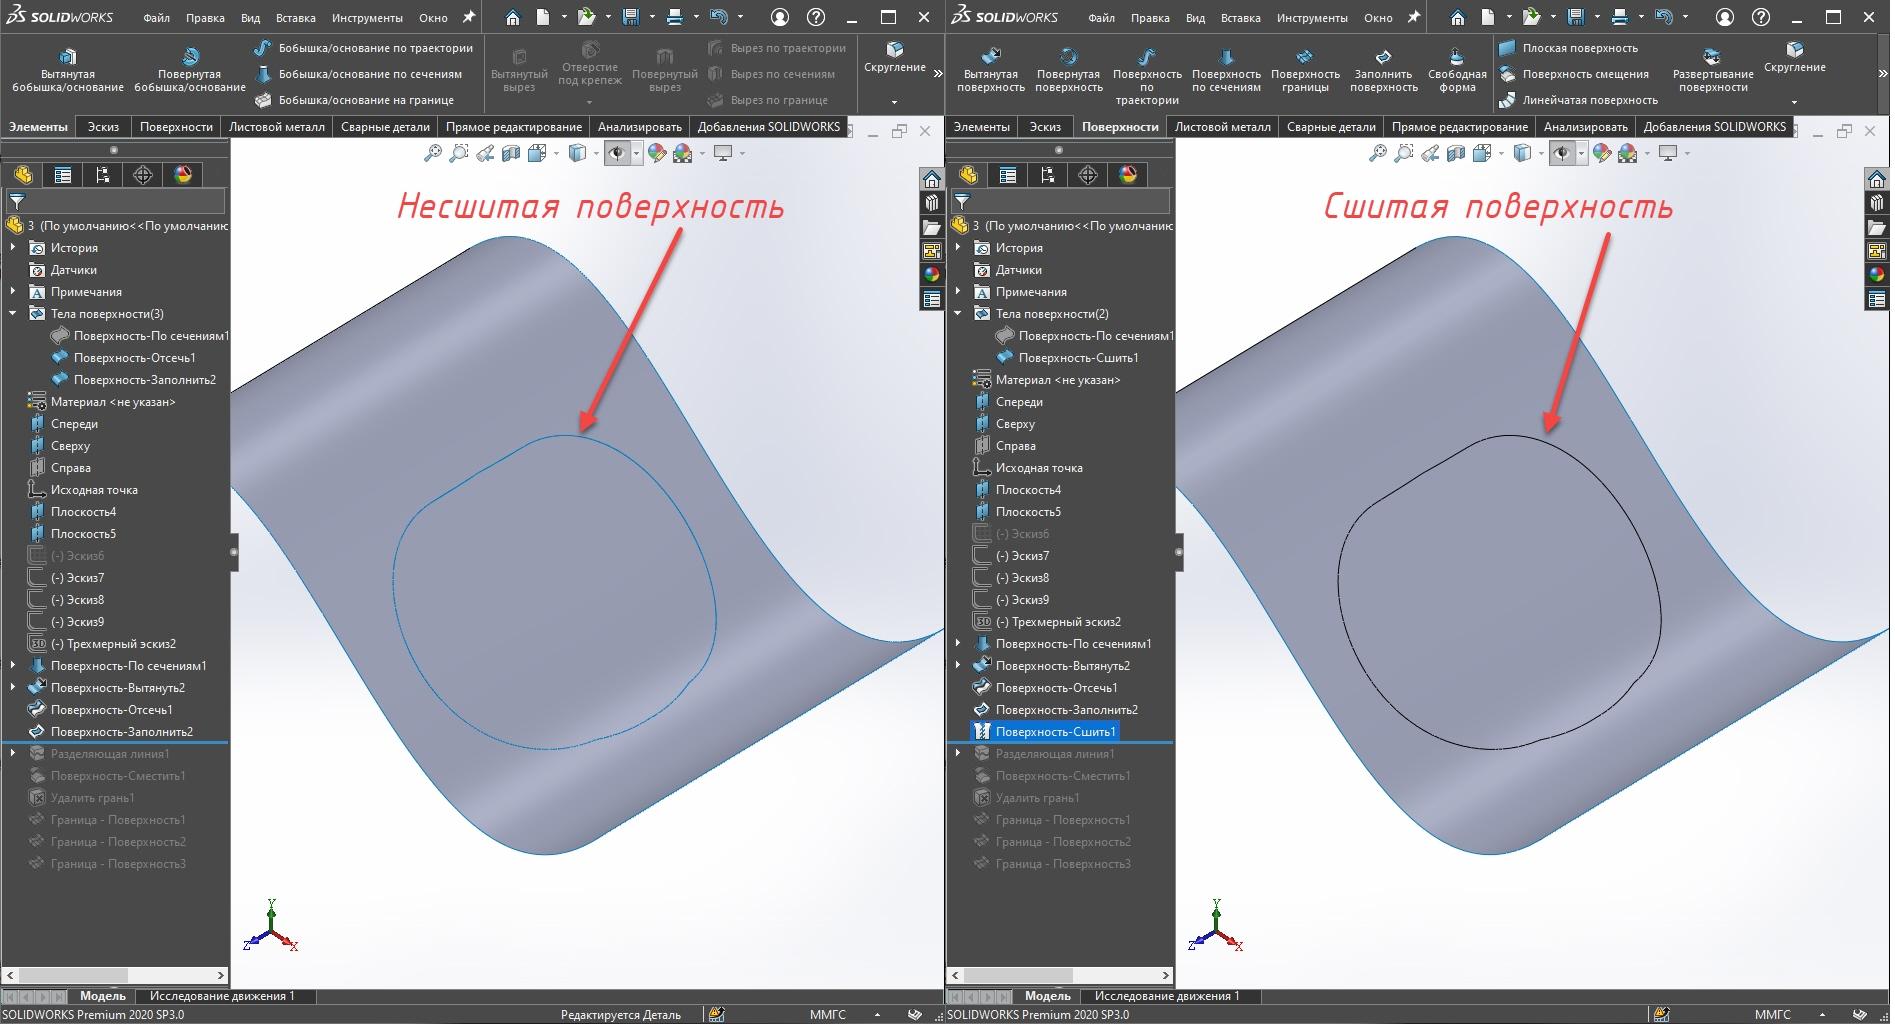 Solidworks поверхности, Solidworks инструменты поверхностного проектирования,  SOLIDWORKS сшить поврехность, SOLIDWORKS сшитая поверхность, сшитая поврехность